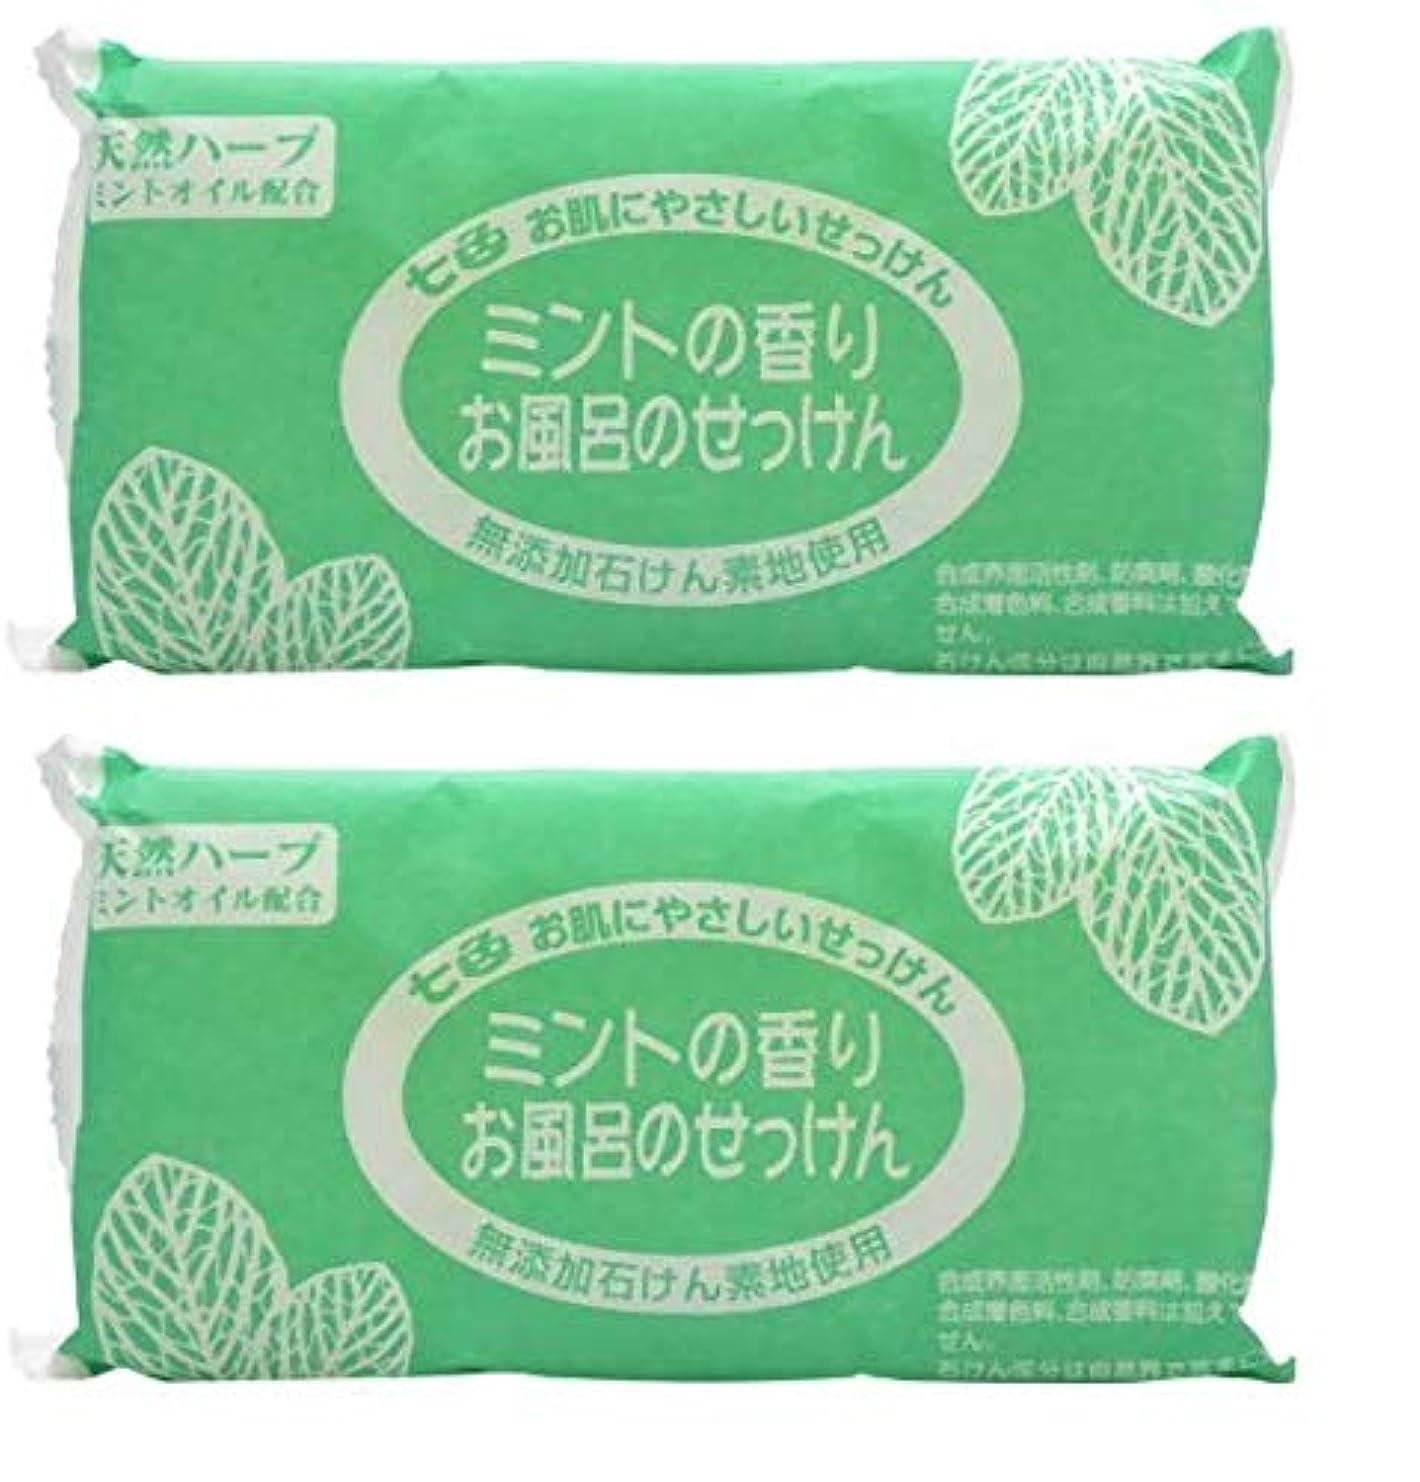 一般的に言えば酔った有益な七色 お風呂のせっけん ミントの香り(無添加石鹸) 100g×6個入